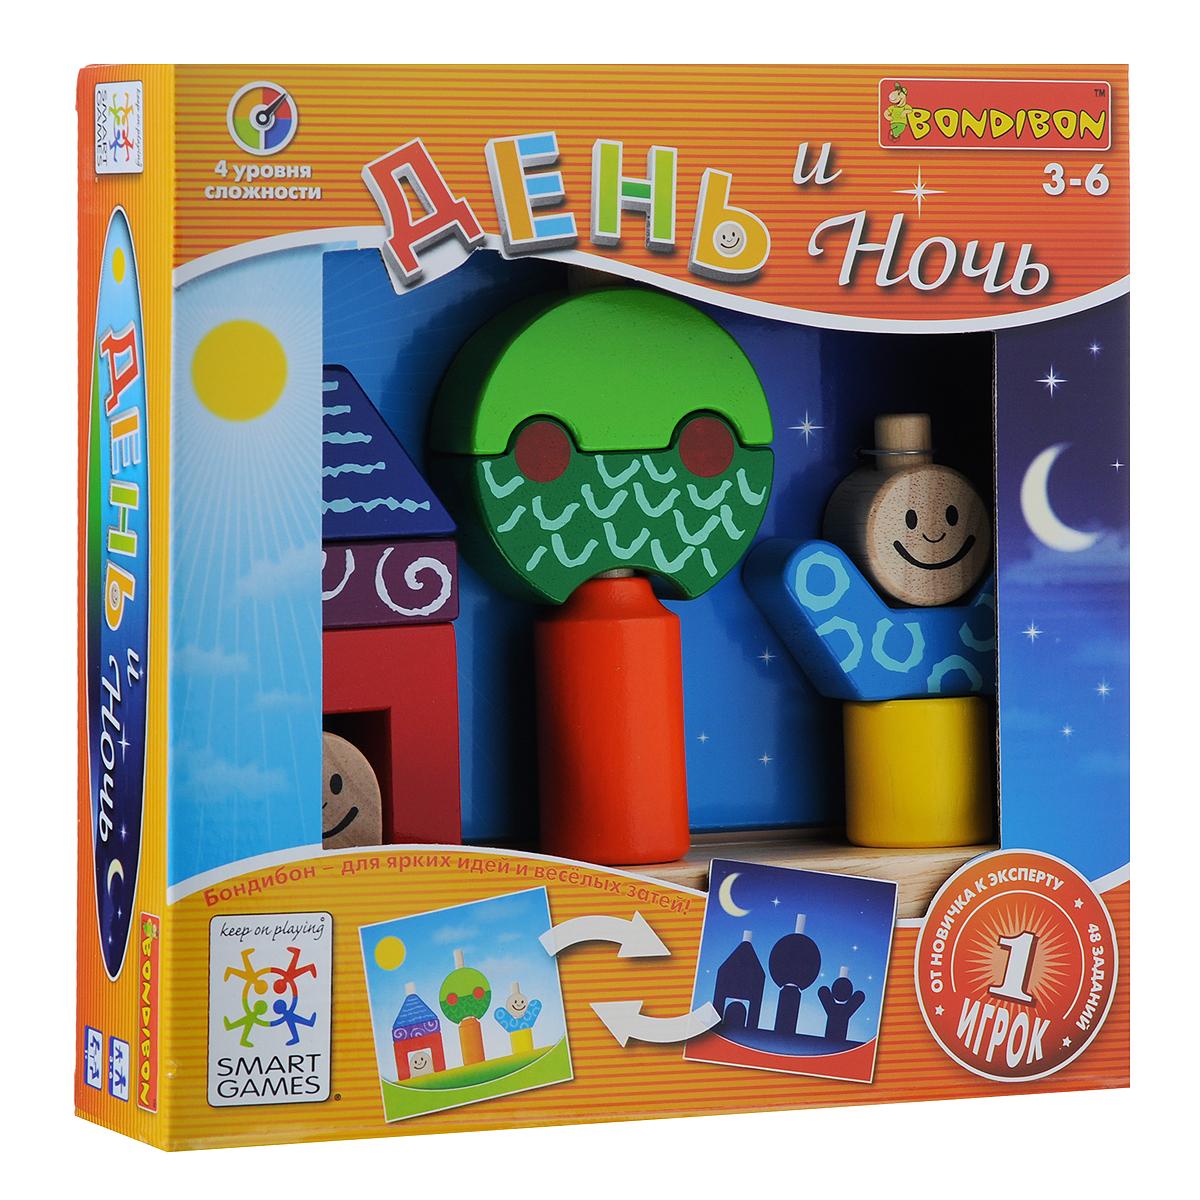 Логическая игра Bondibon SmartGames День и НочьВВ1058Логическая игра Bondibon SmartGames День и Ночь - занимательная игра для малыша от 3 до 6 лет. Она представляет собой яркий и необычный пейзаж из домика, дерева и человечка, состоящий из различных красочных деревянных элементов. Игра имеет множество вариантов с заданиями на вырост и огромный простор для детской фантазии. Все объекты игры будут двигаться, помогая малышу развить мелкую моторику и пространственное мышление. Игра предусматривает 48 заданий четырех уровней сложности, в ходе которых ребенку необходимо нанизывать в определенном порядке элементы пазла на штырьки основы, в точности воспроизводя картинку из задания. Легкая и компактная, игра День и Ночь позволит скоротать время во время вынужденного ожидания в пробках и очередях. В набор входят: основа с тремя штырьками, 10 элементов пазла и буклет с правилами игры на русском языке и заданиями для сборки.